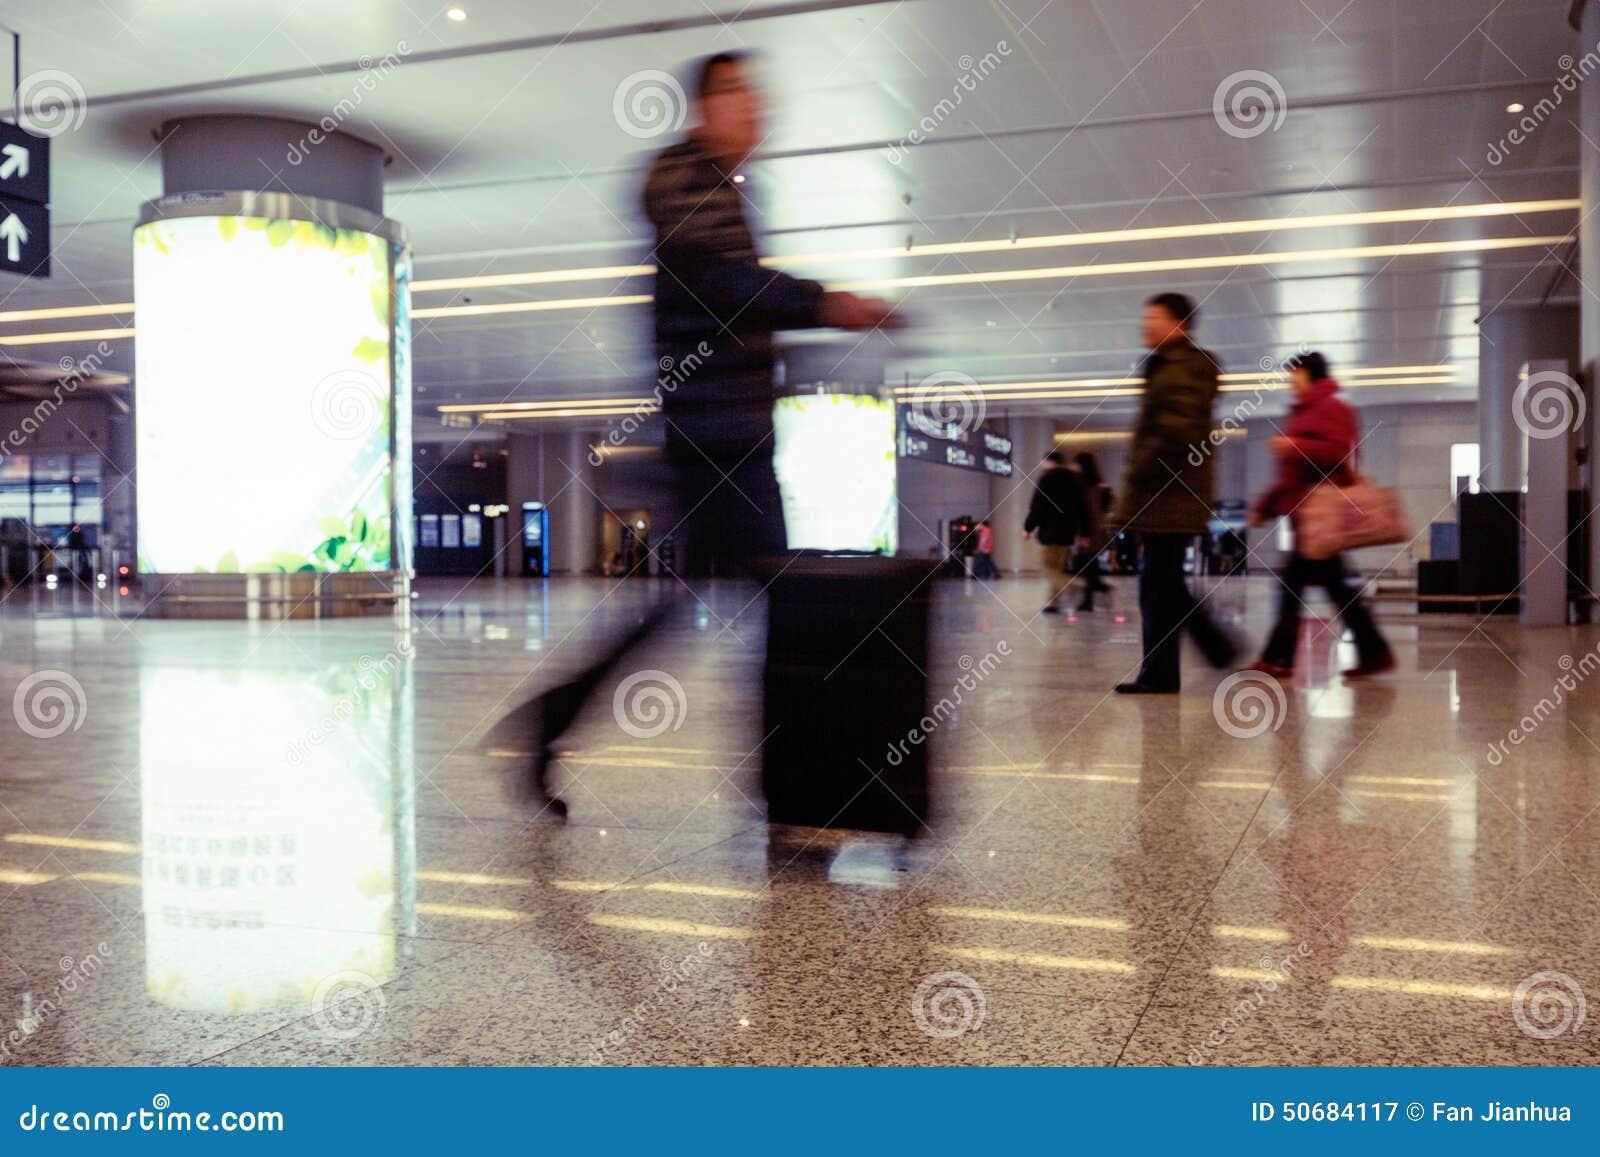 Download 机场隧道和步行者 库存图片. 图片 包括有 建筑, 旅游业, 目的地, 的treadled, 购物中心, 结构 - 50684117